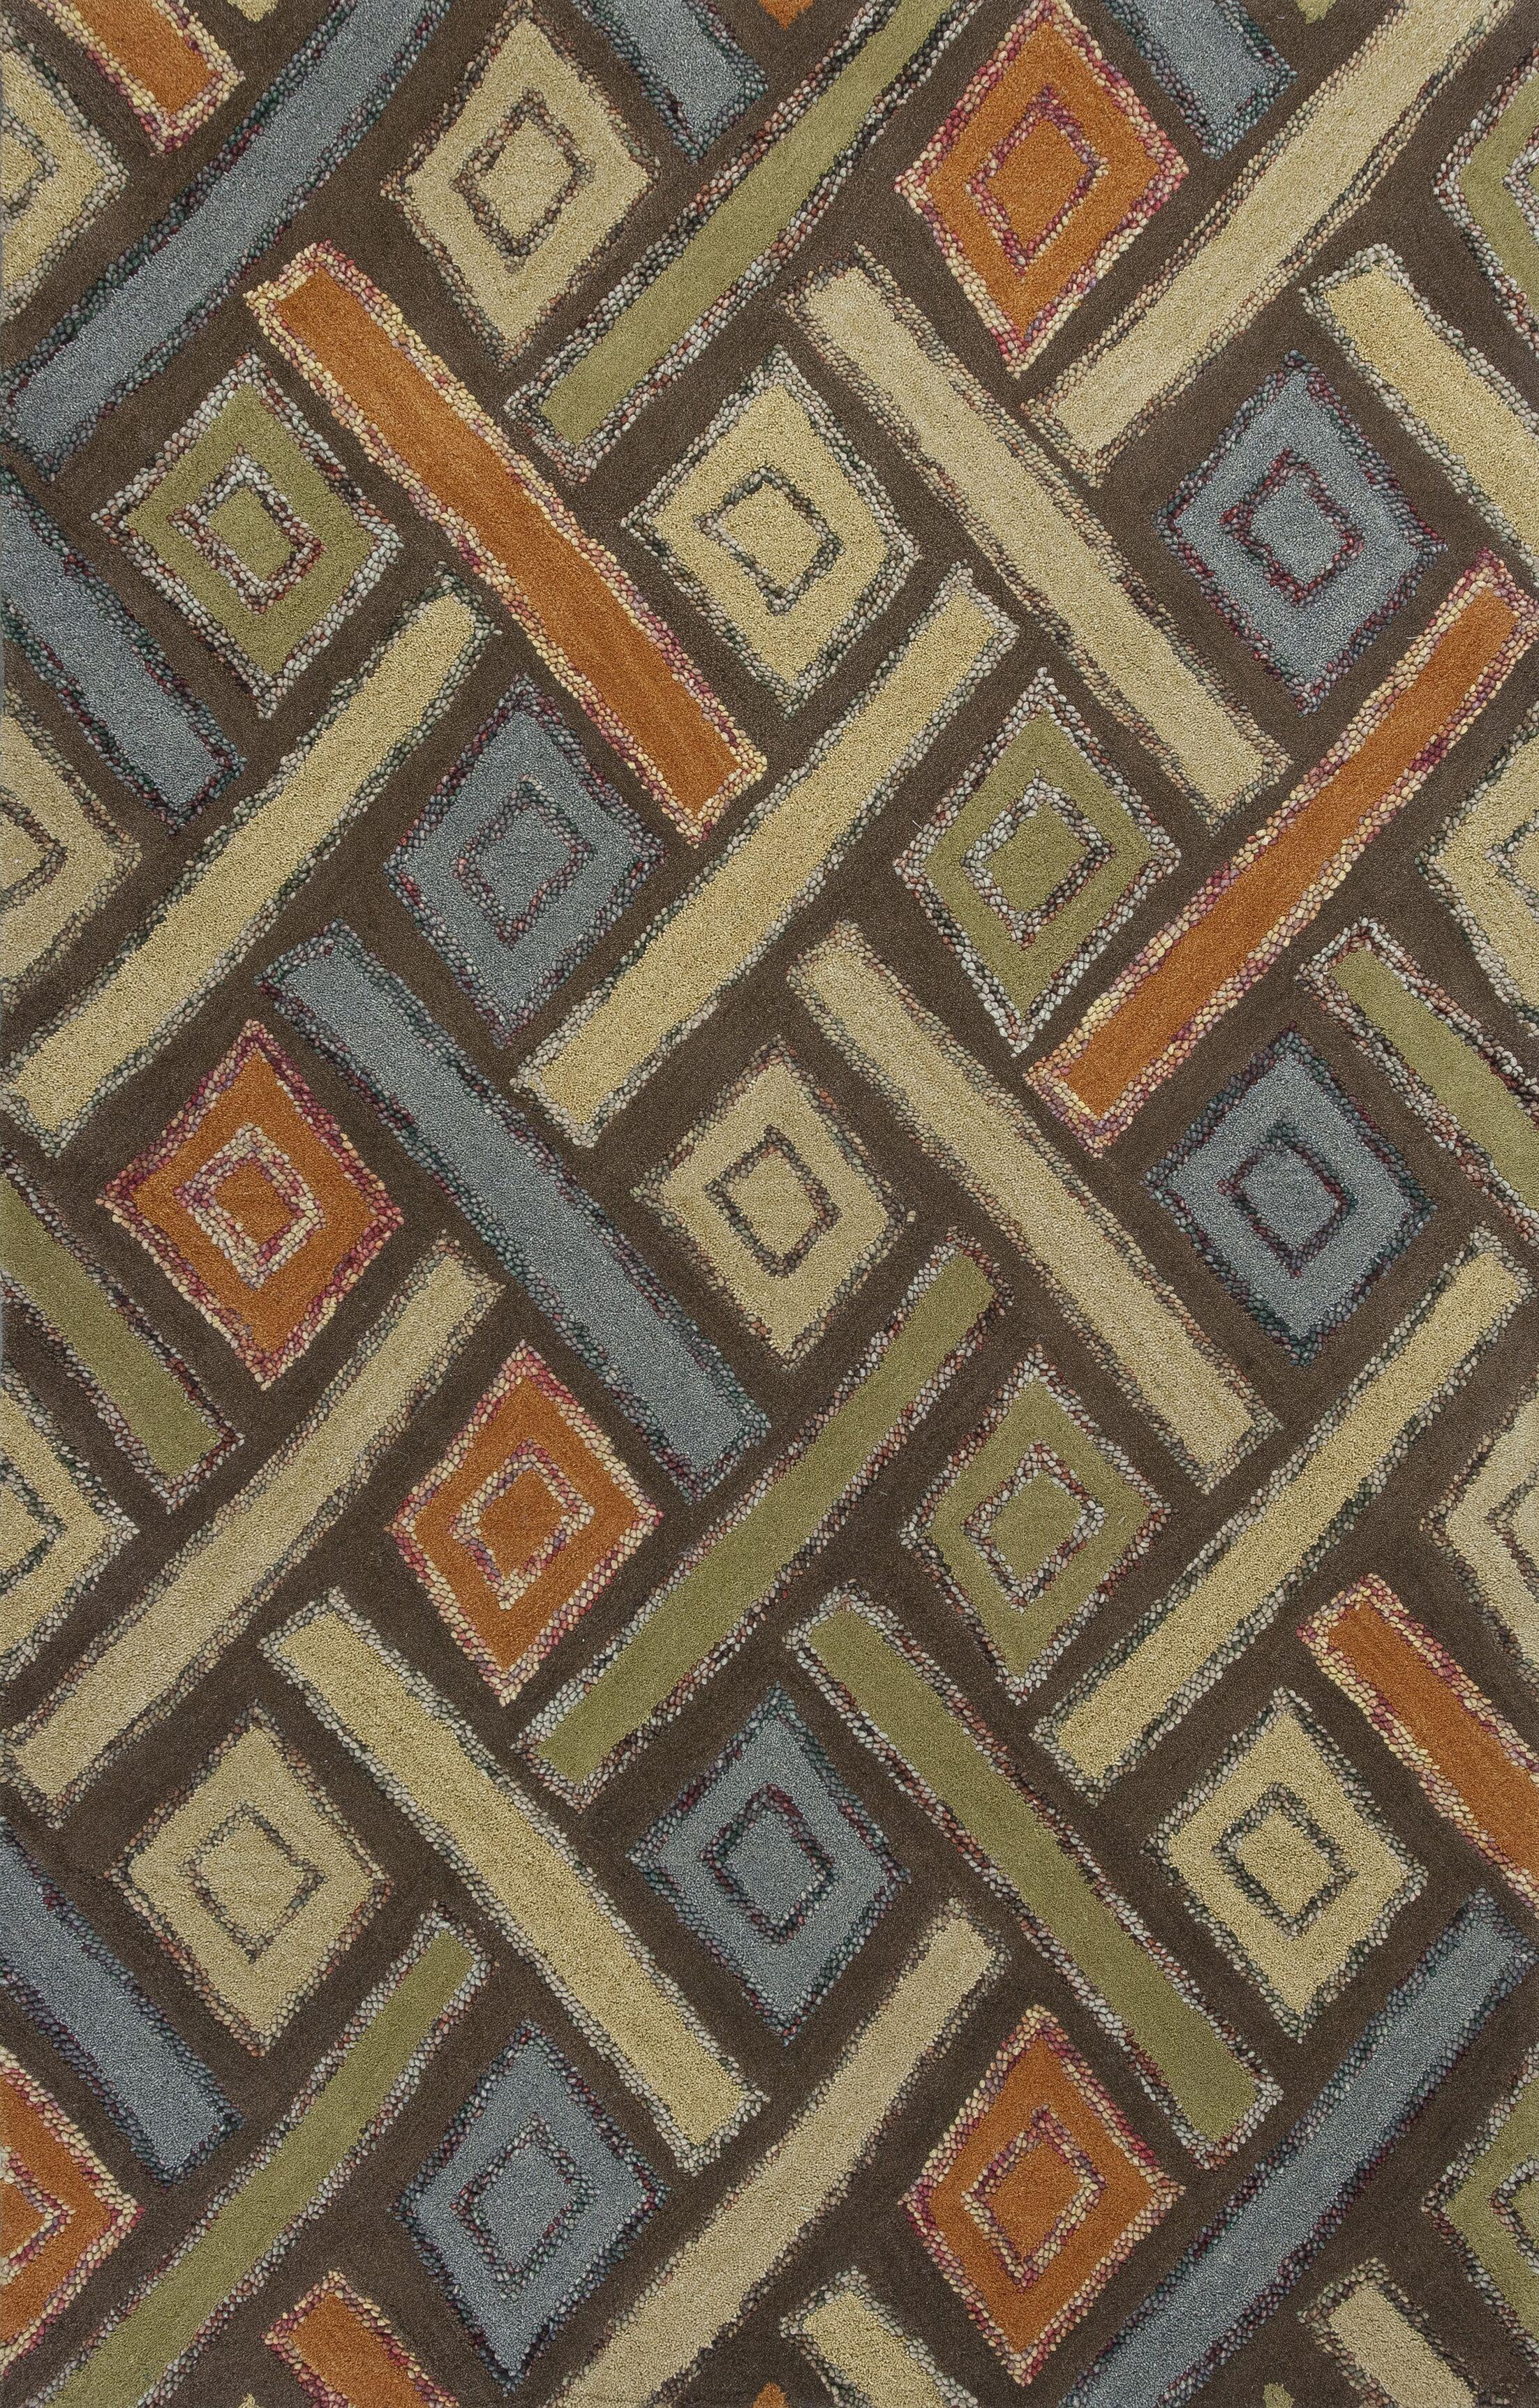 Roosendaal Mocha Windows Area Rug Rug Size: 8' x 10'6